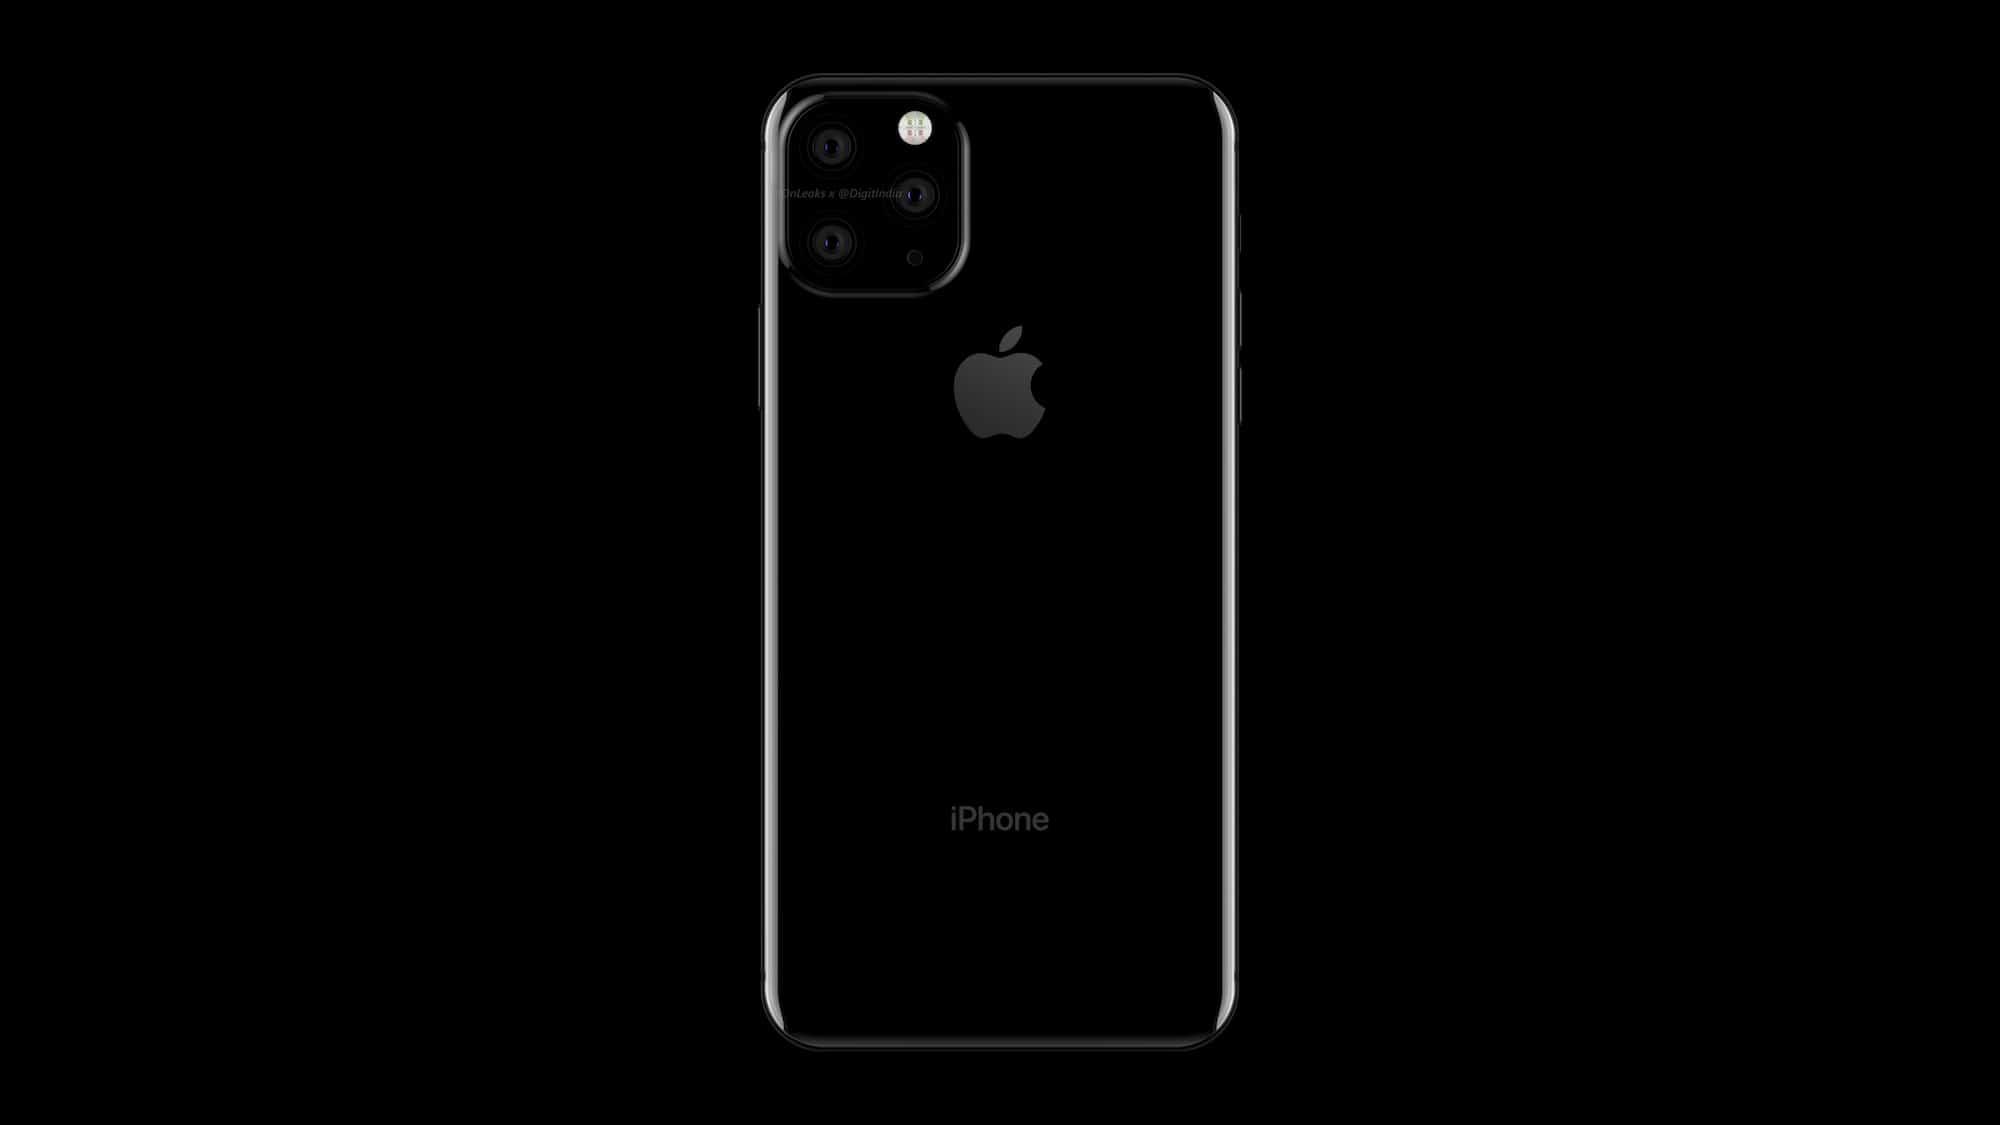 iPhone XI 5K1 - Bude takto opravdu vypadat nový iPhone? Doufejme že ne...